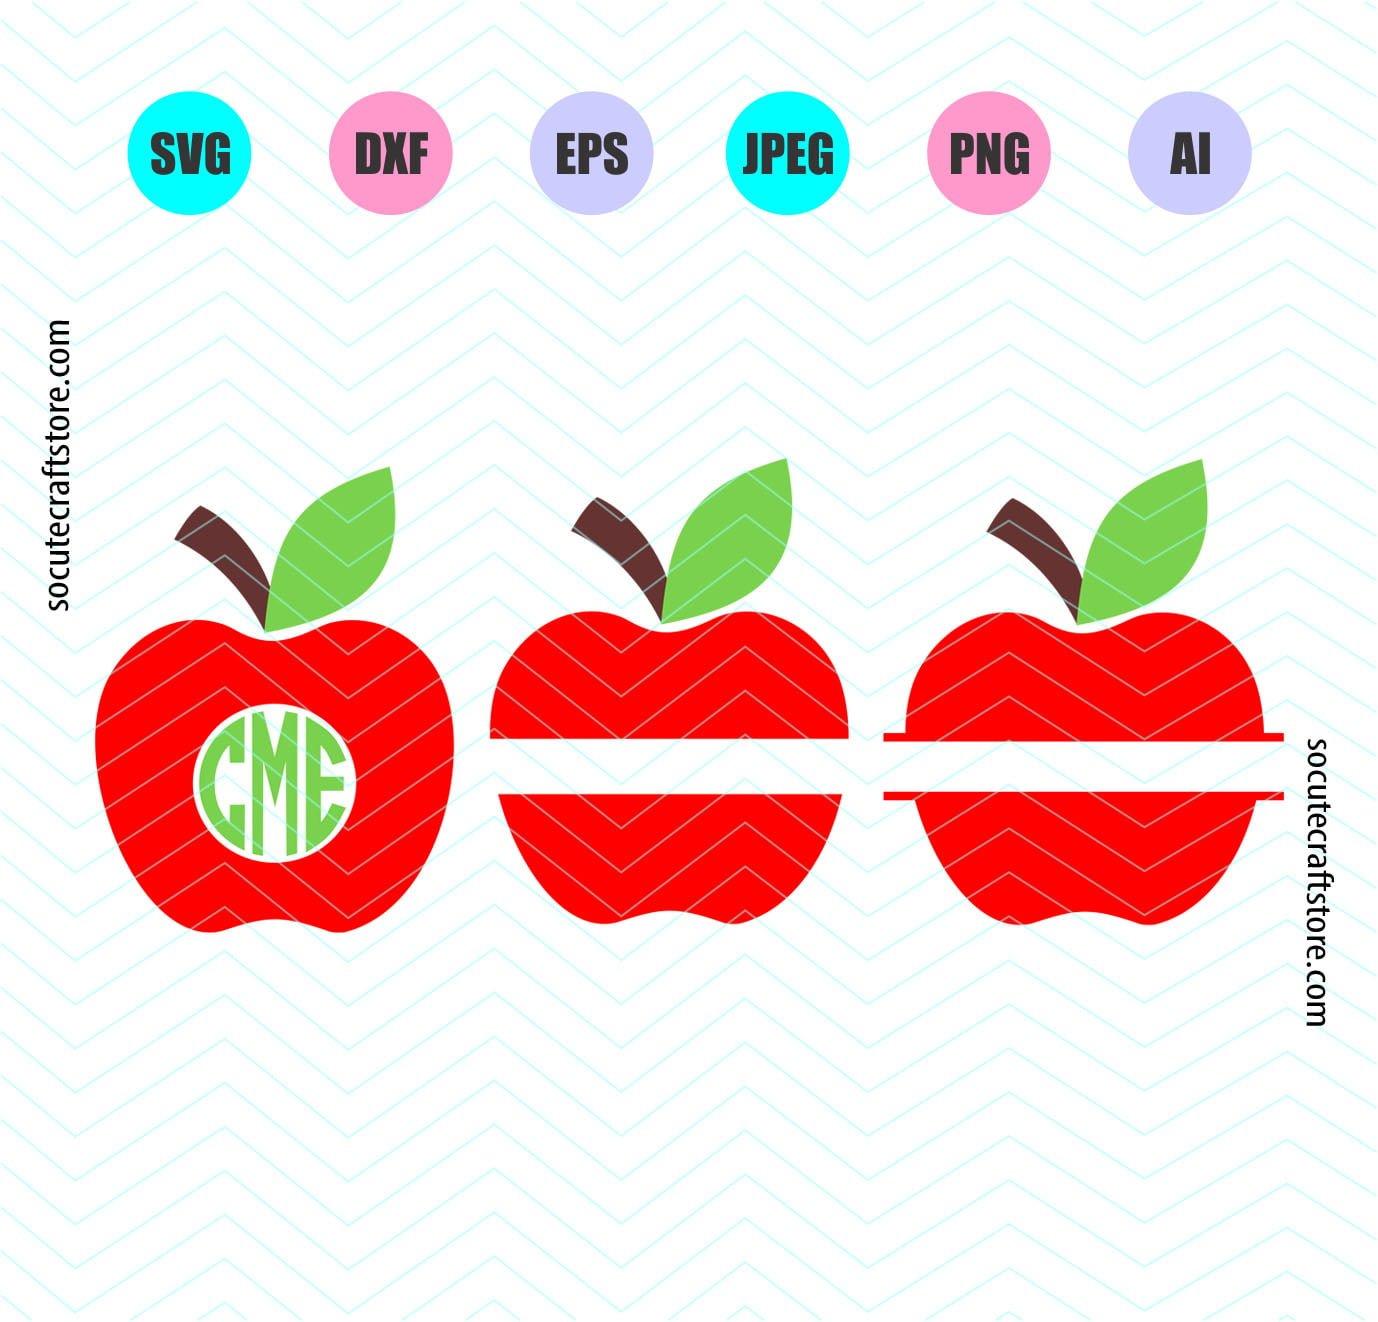 Split Apple Svg Apple Svg File Dxf File Png File Clipart Digital Cut Files Cricut Explore Silhouette Cameo Socutecraftstore